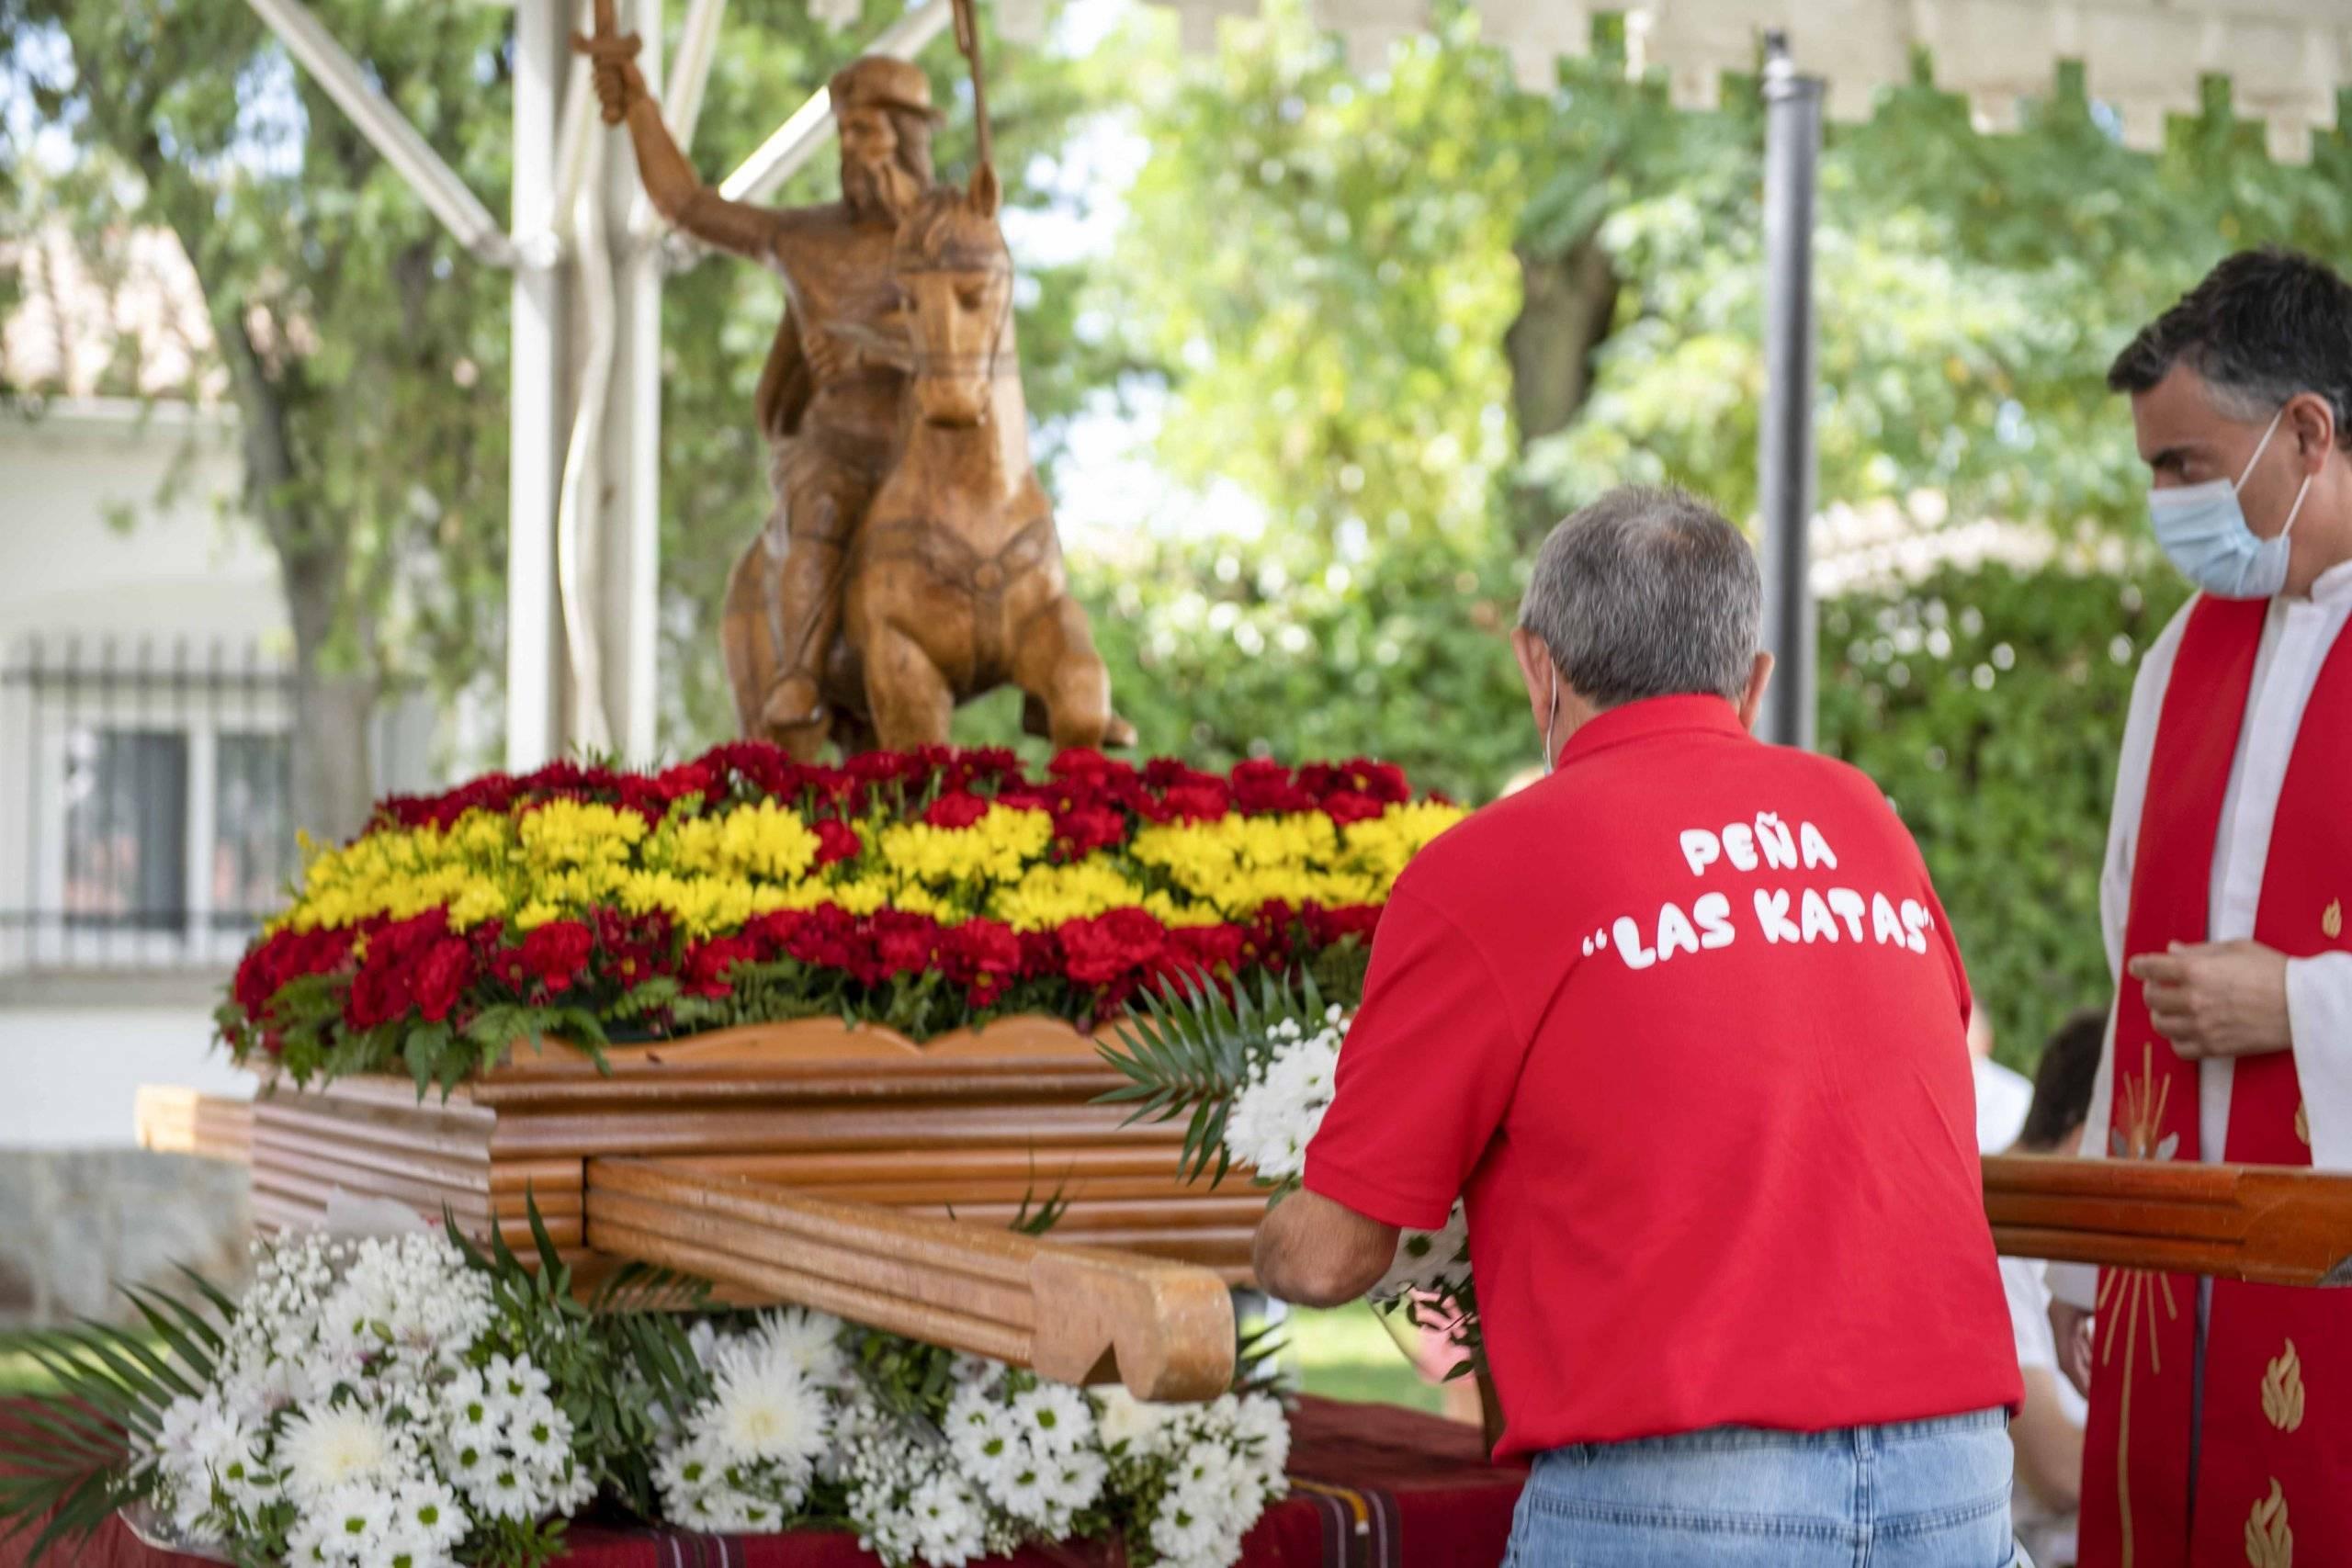 Un representante de la peña Las Katas depositando ante la talla del santo un ramo de flores.